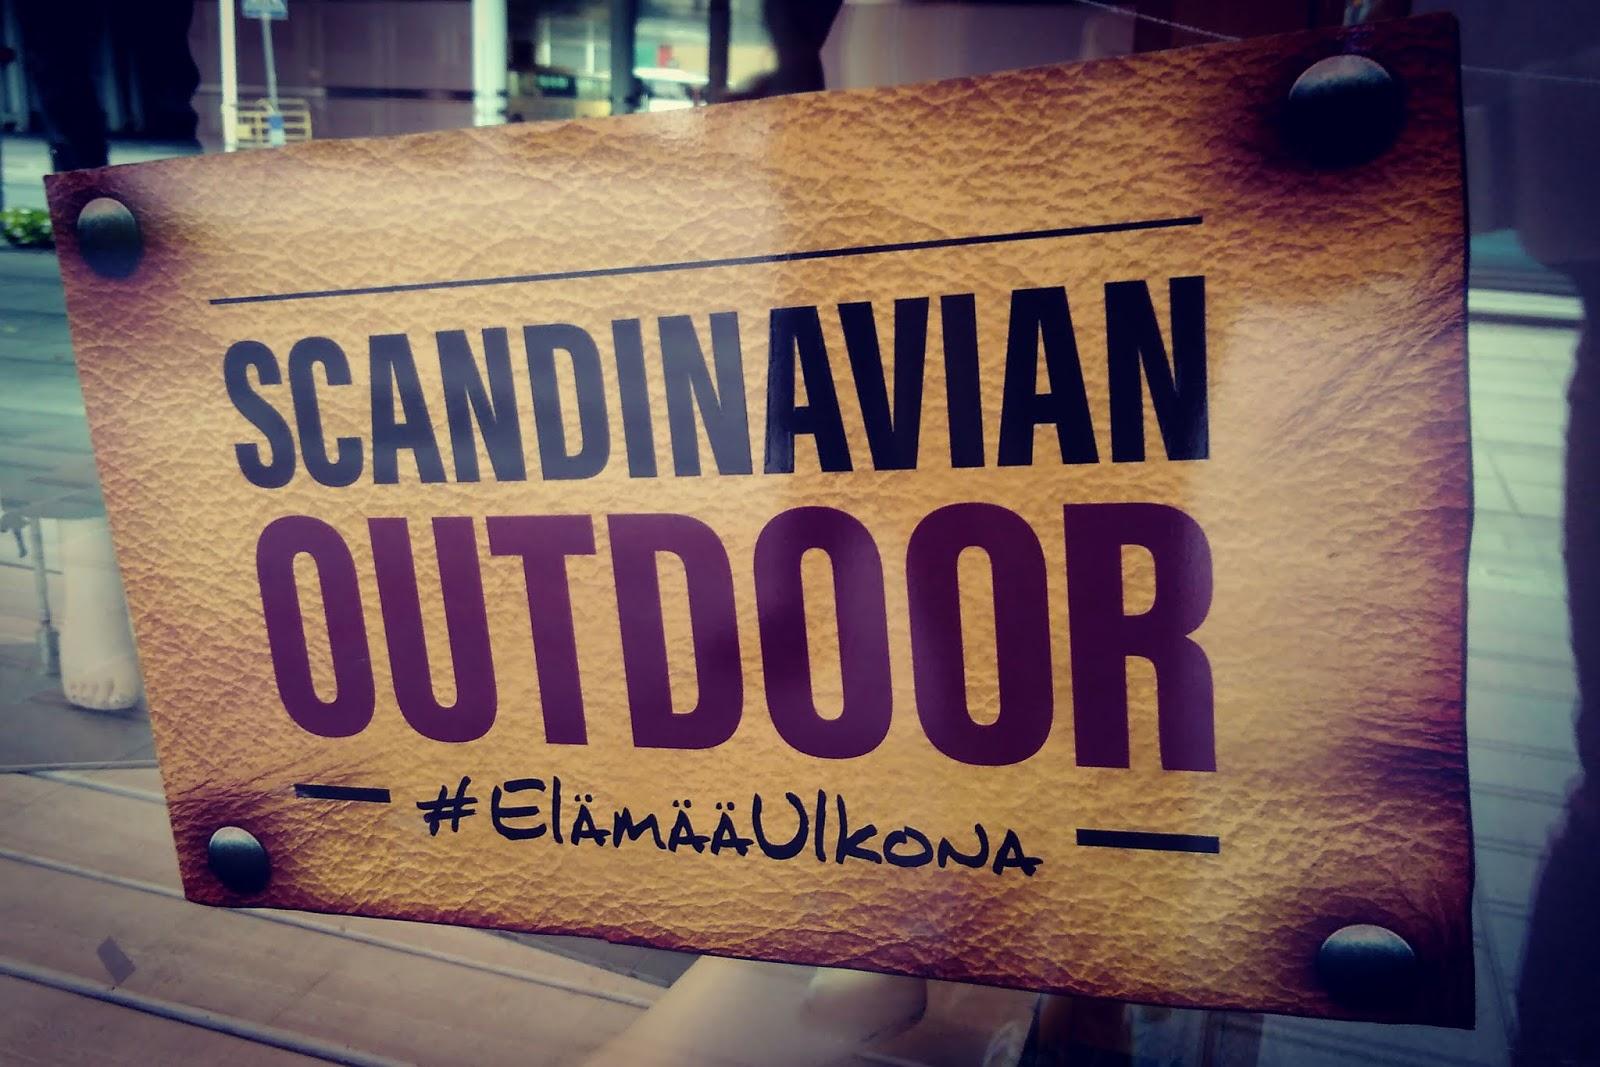 Scandinavian_Outdoor_elämää_ulkona_logo